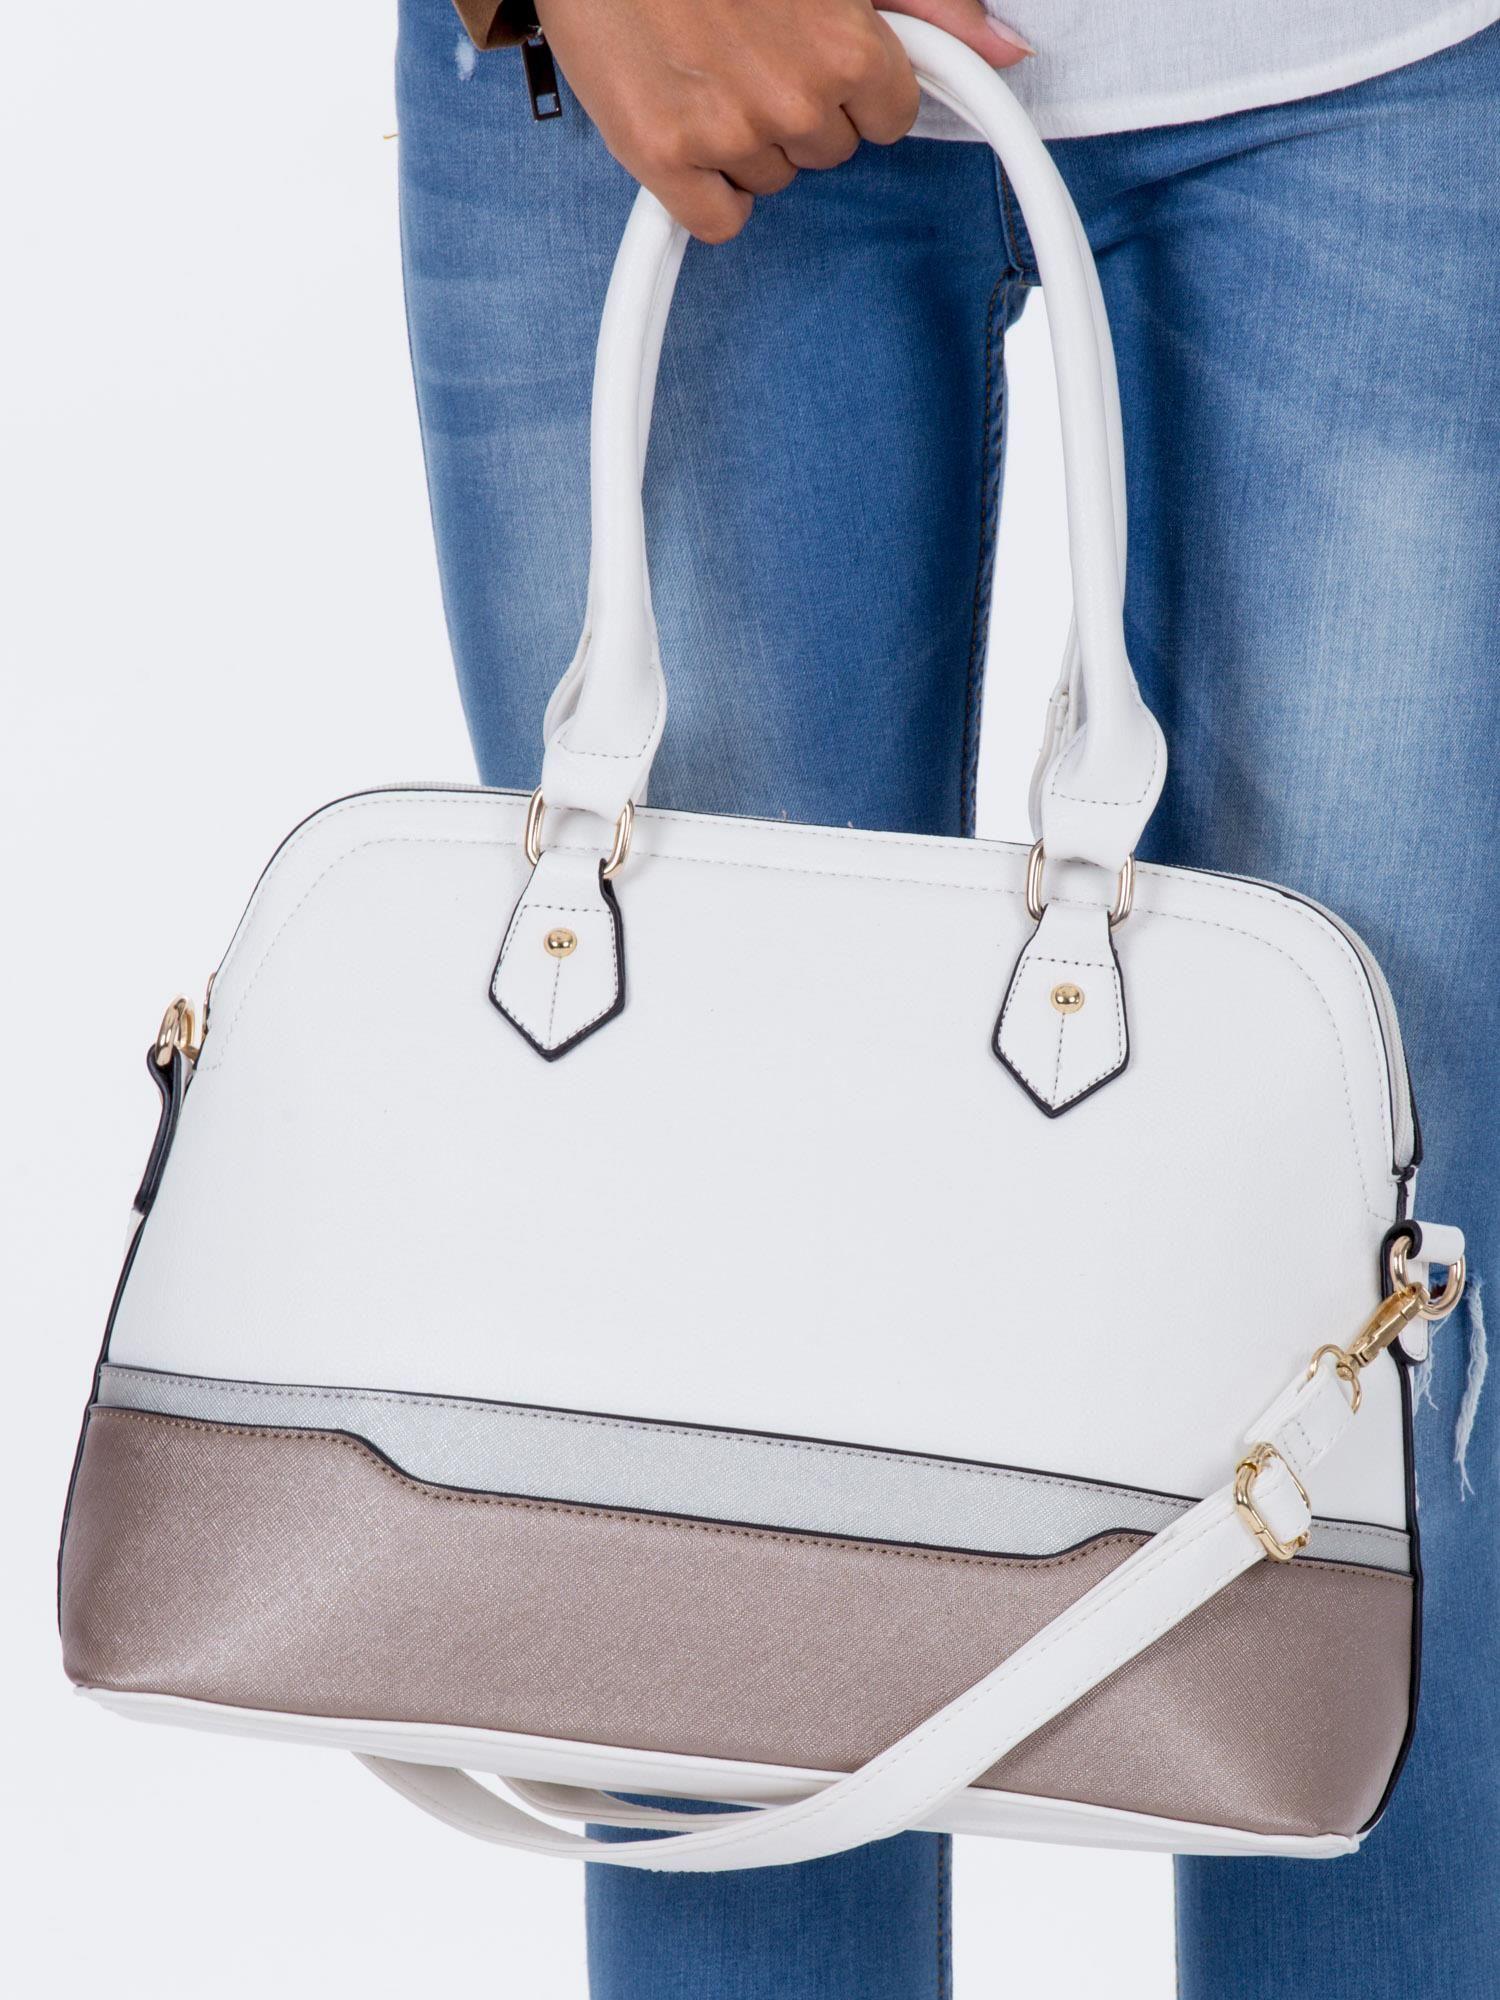 826f88d7b746e Biała modułowa torba w miejskim stylu - Akcesoria torba - sklep ...